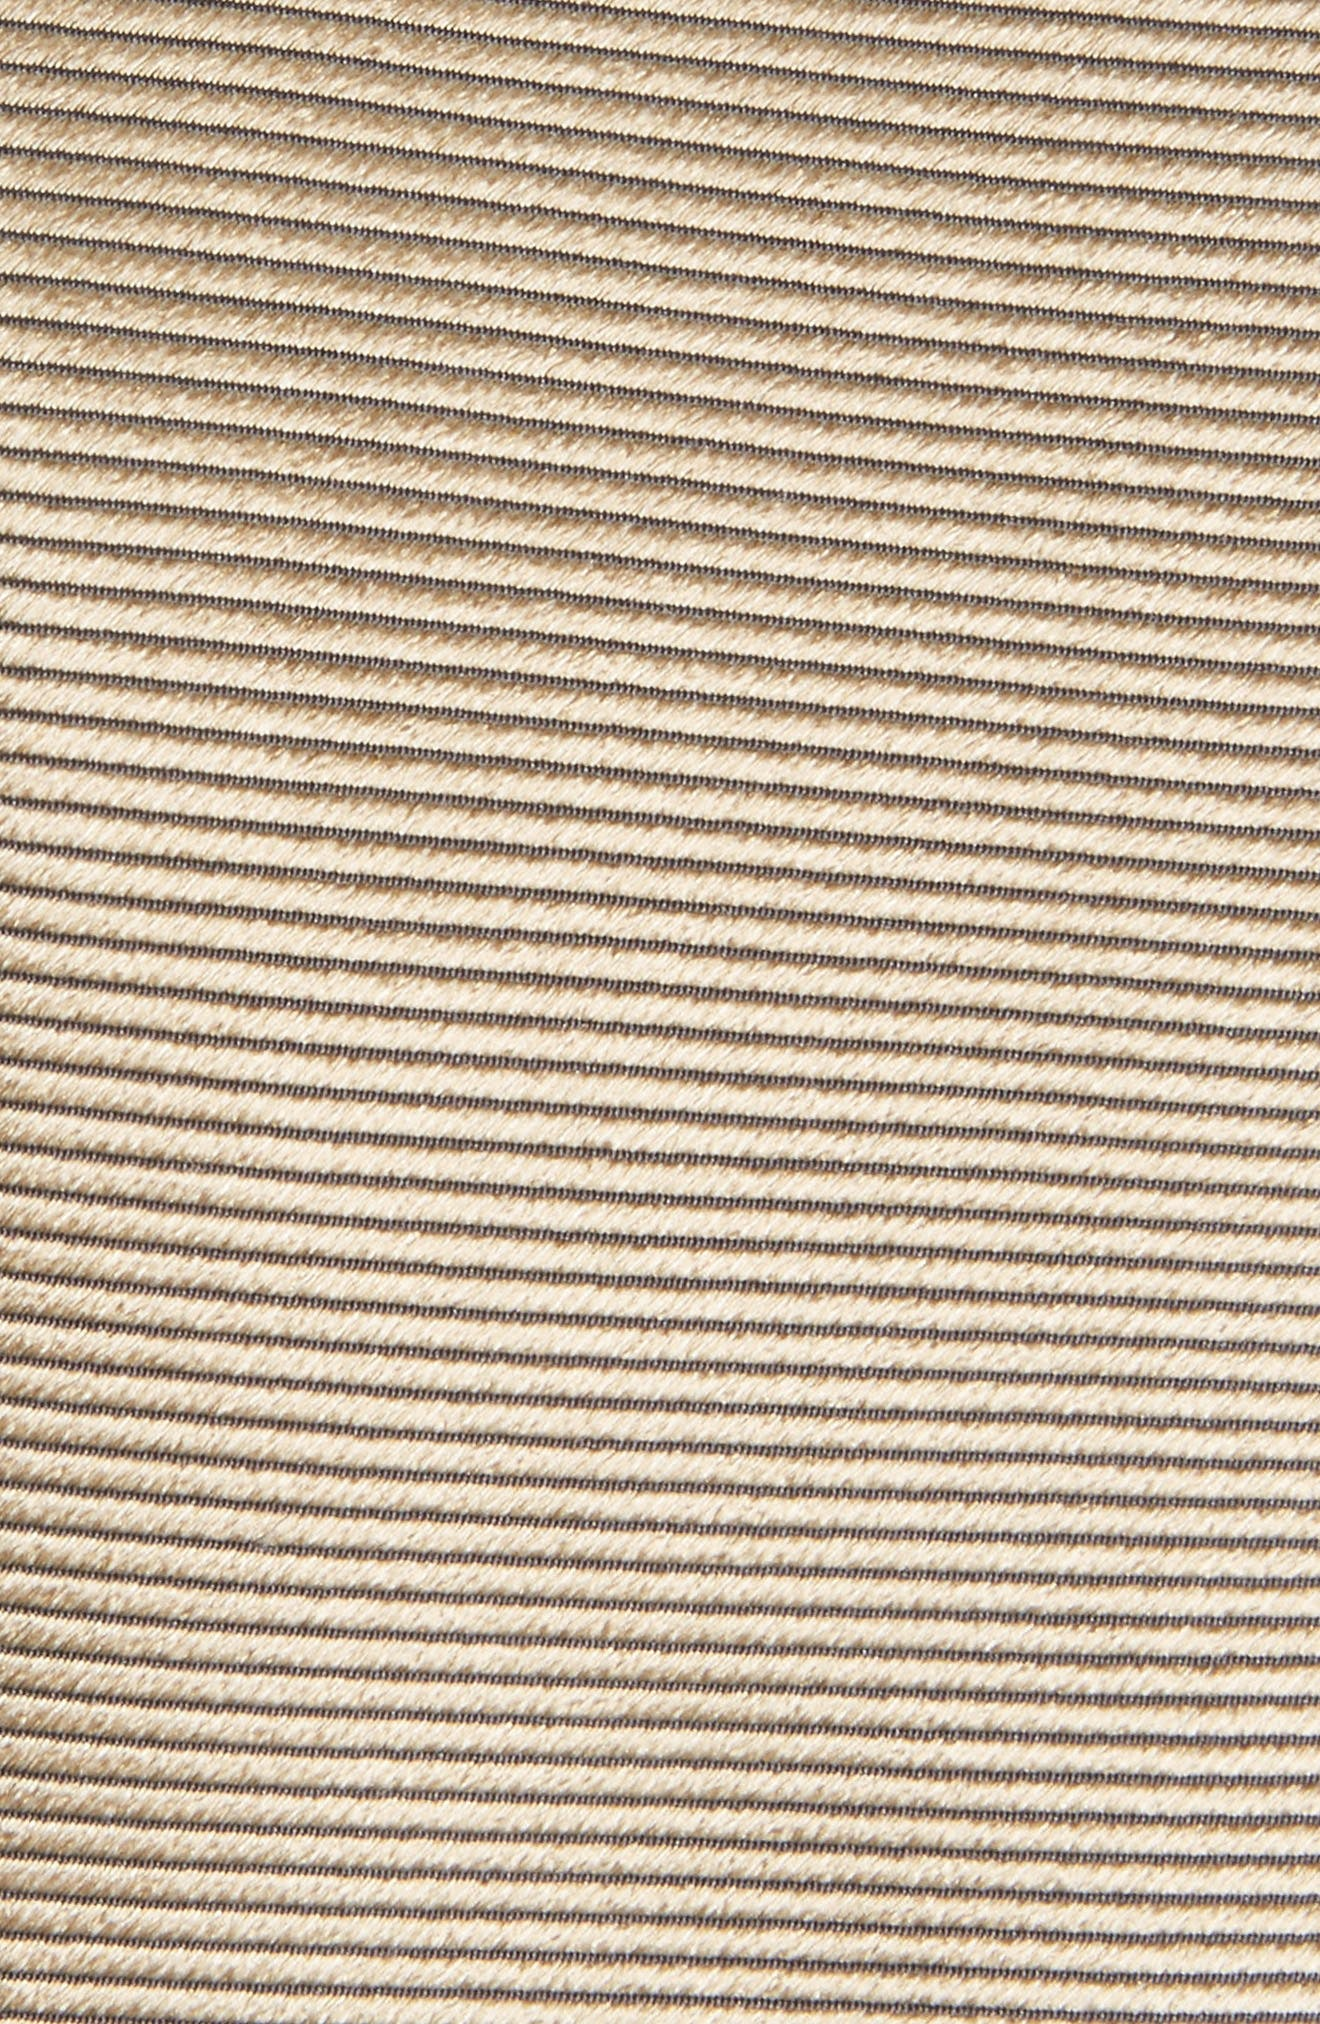 Solid Silk Skinny Tie,                             Alternate thumbnail 2, color,                             Medium Beige